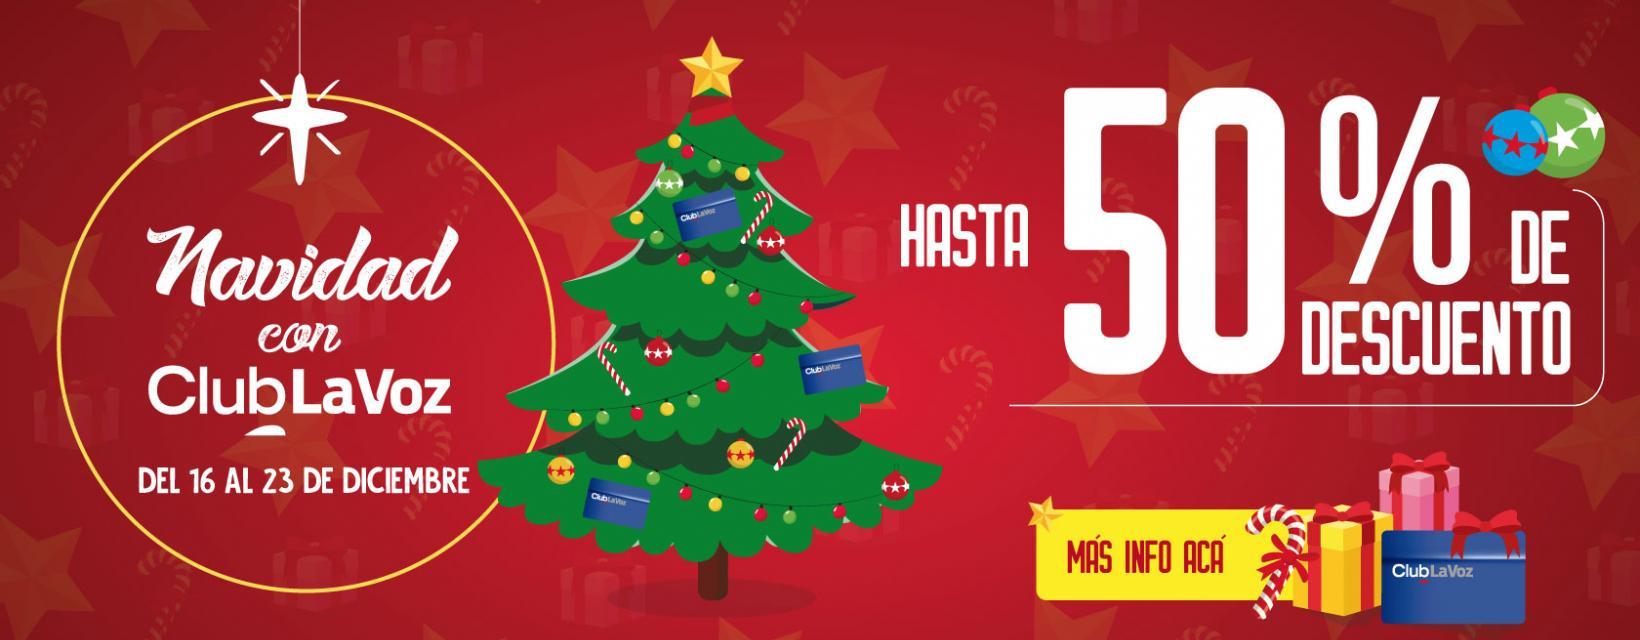 Especial Navidad 17 BANNER